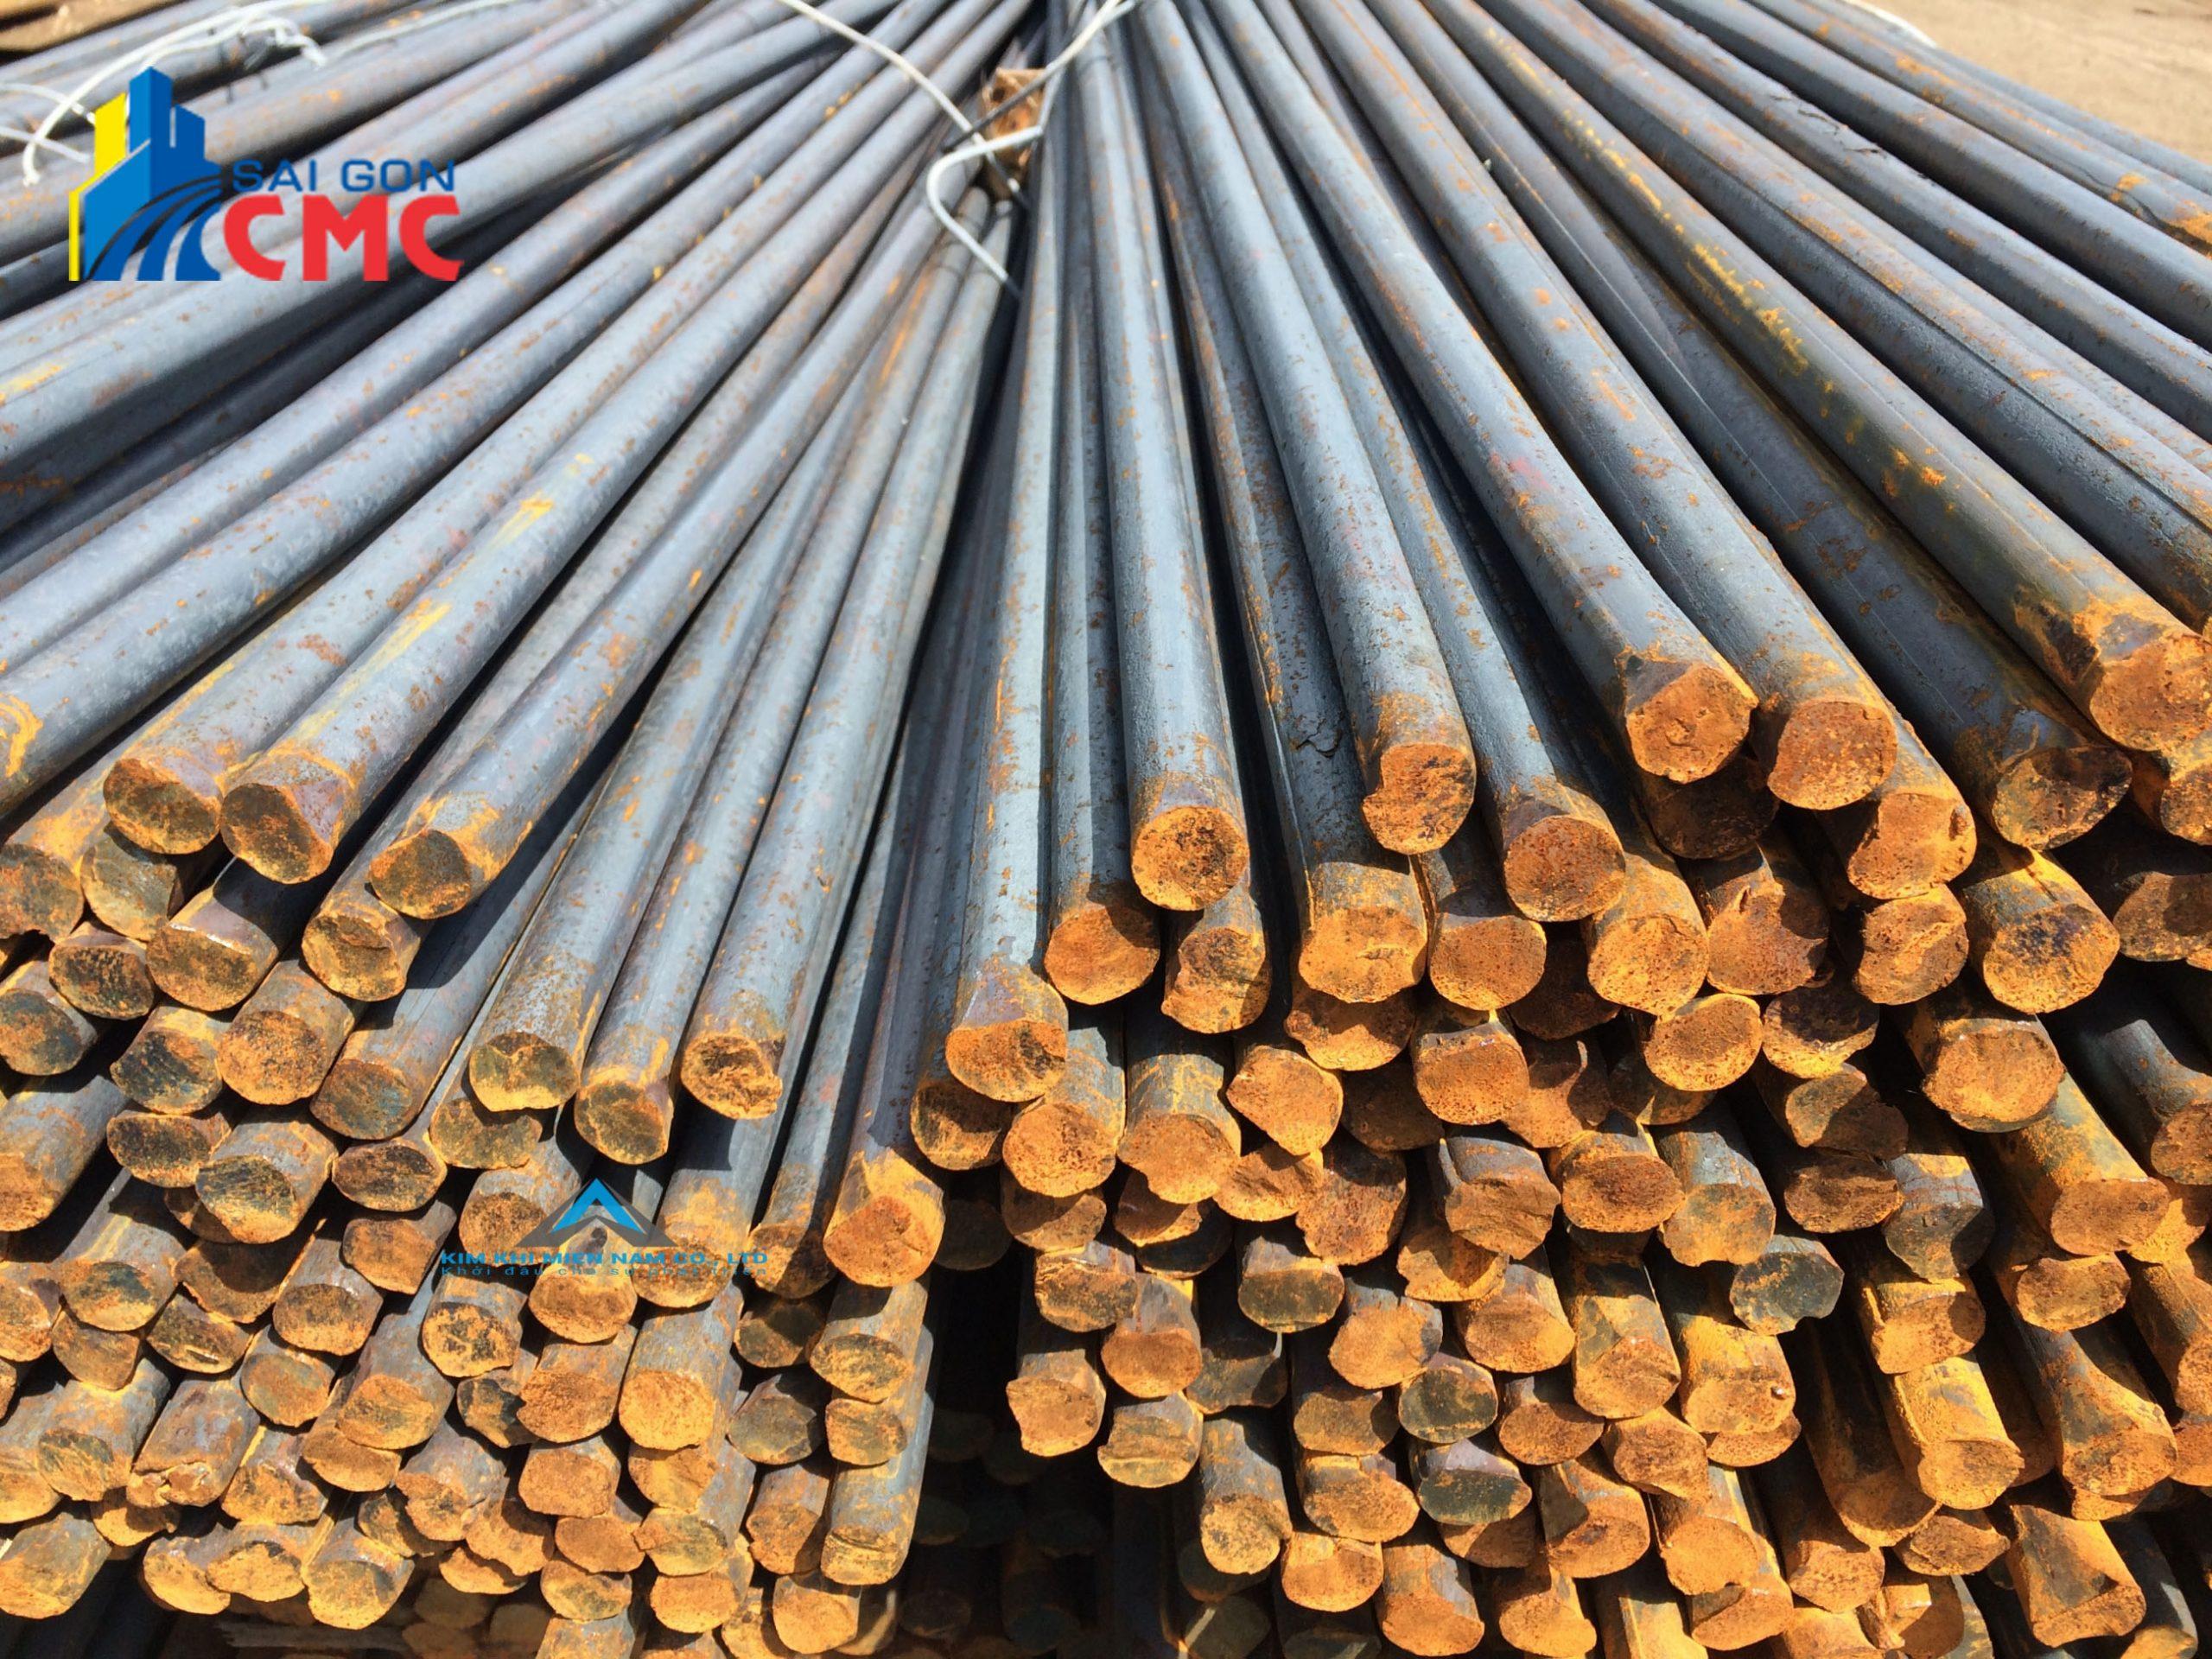 Sài Gòn CMC chuyên cung cấp, phân phối thép tròn trơn Pomina